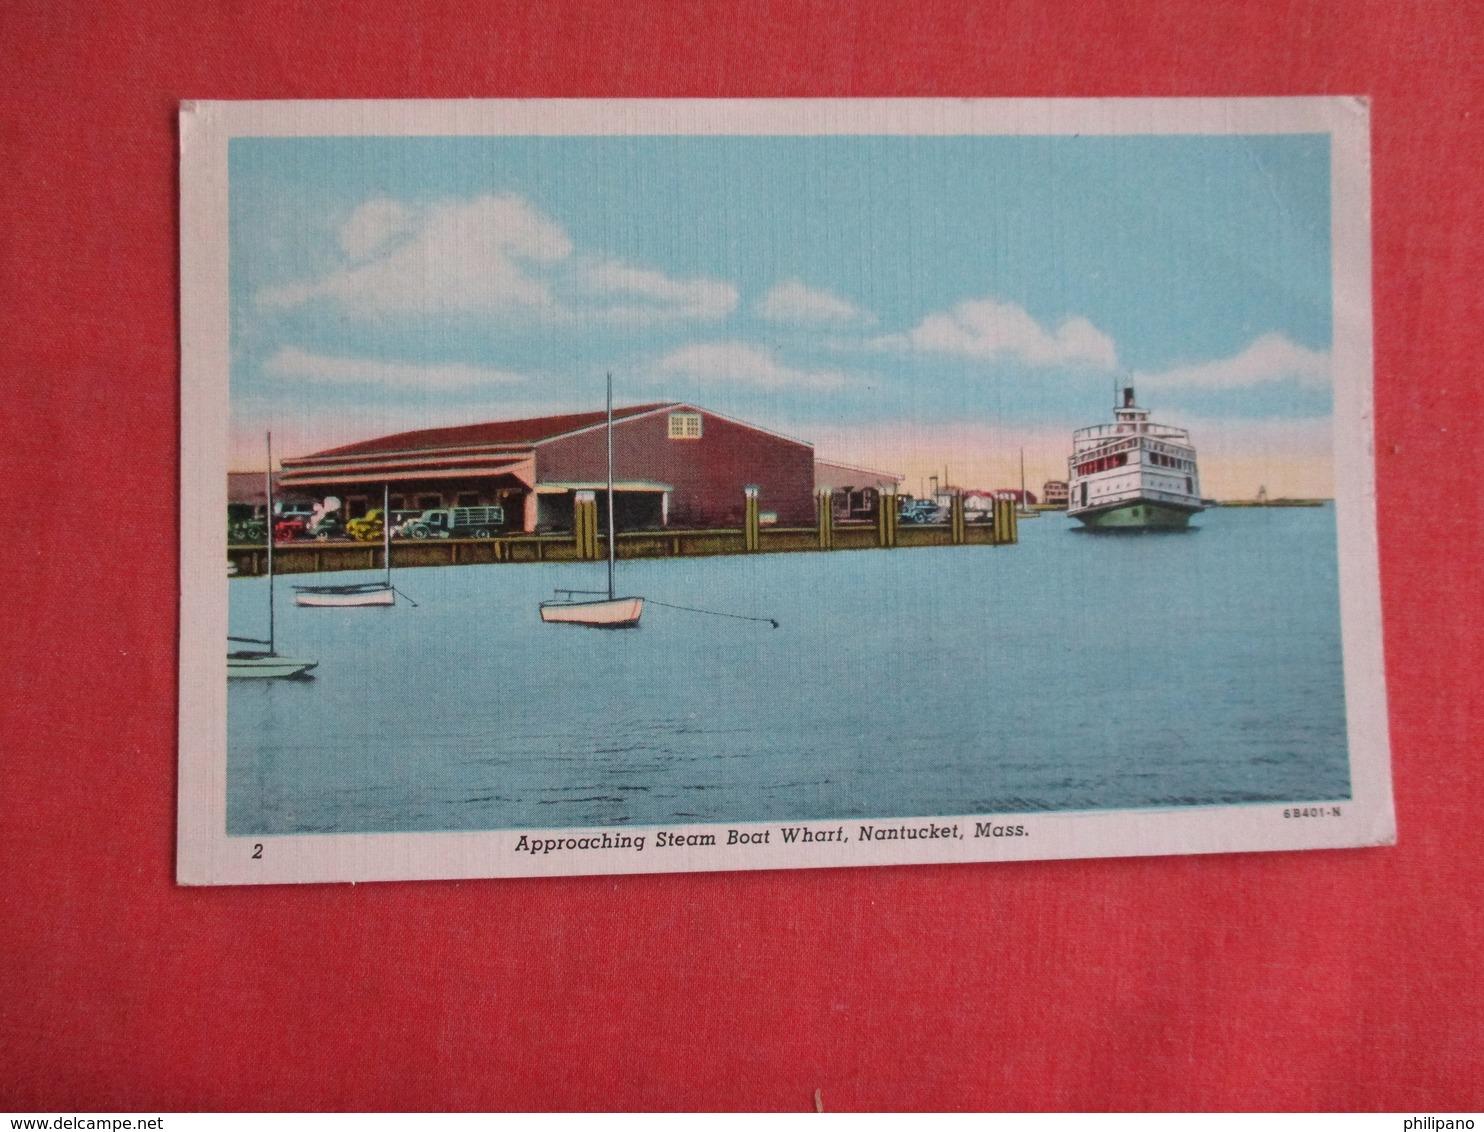 Approaching Steam Boat Wharf  Massachusetts > Nantucket       Ref 3141 - Nantucket